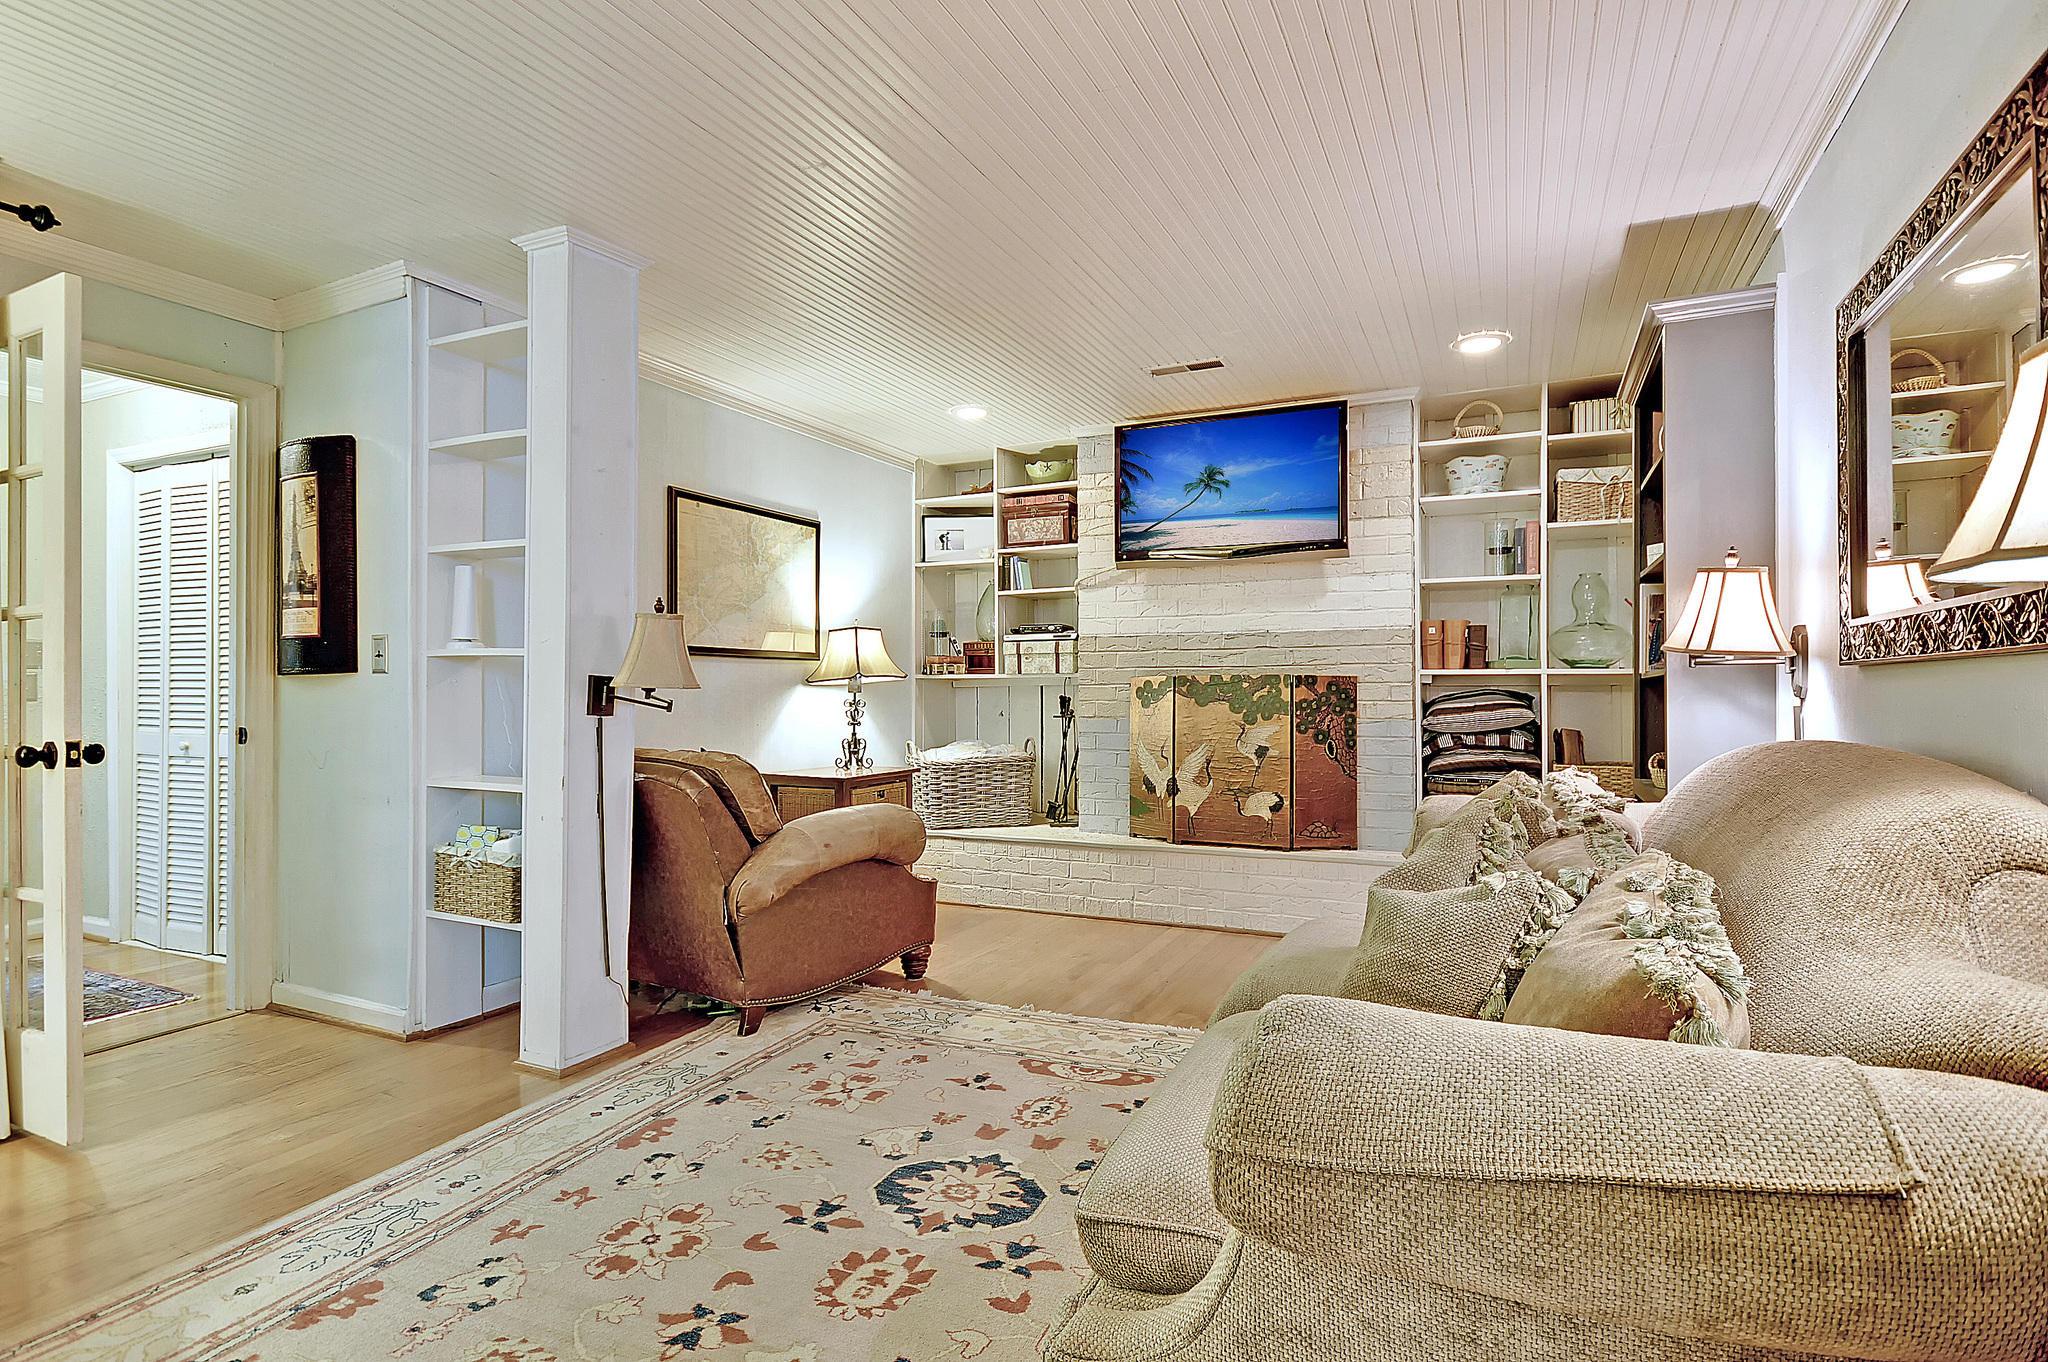 Parish Place Homes For Sale - 814 Abcaw, Mount Pleasant, SC - 18